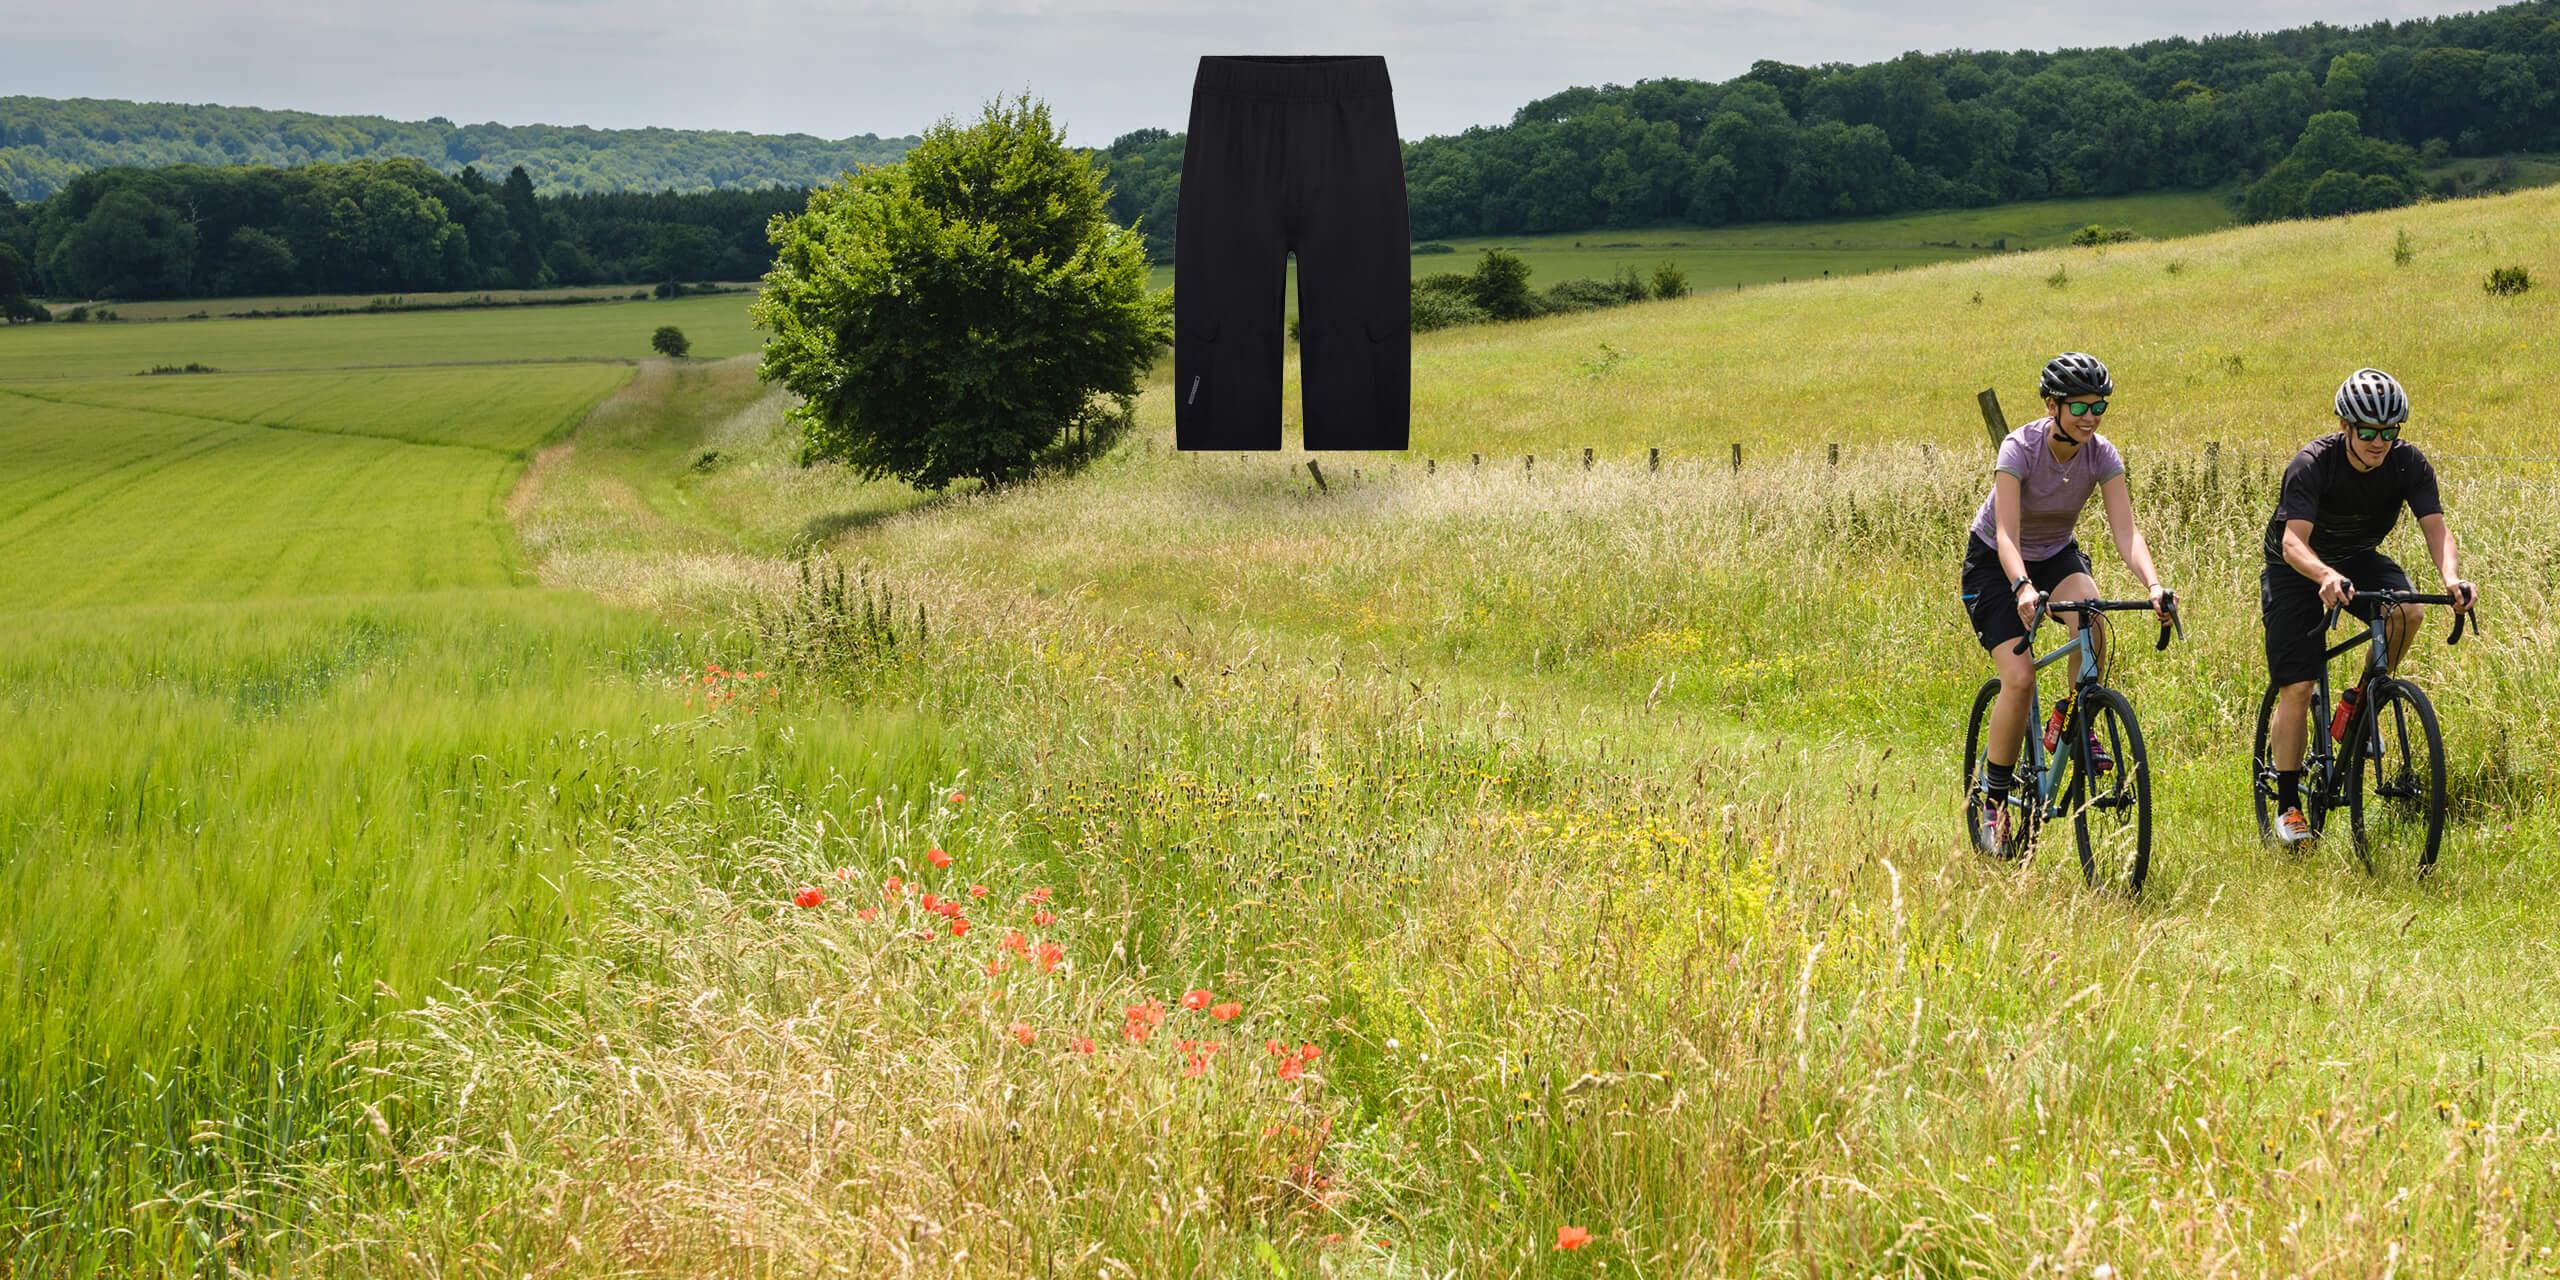 https://madison-products.s3.eu-west-2.amazonaws.com/Freewheel Men's Baggy Shorts